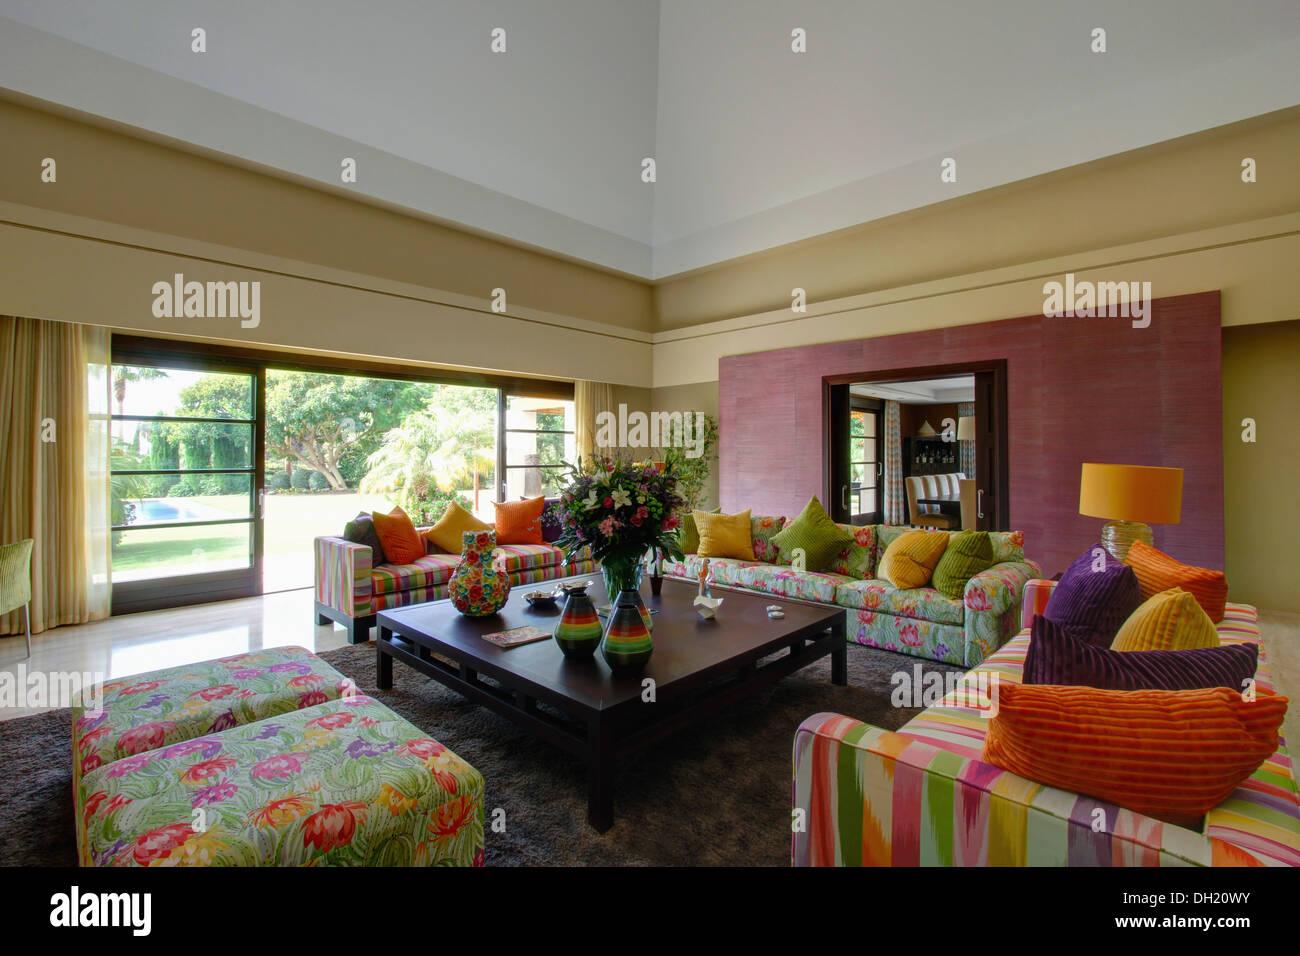 Cuscini colorati su motivi floreali e striped divani e sgabelli in